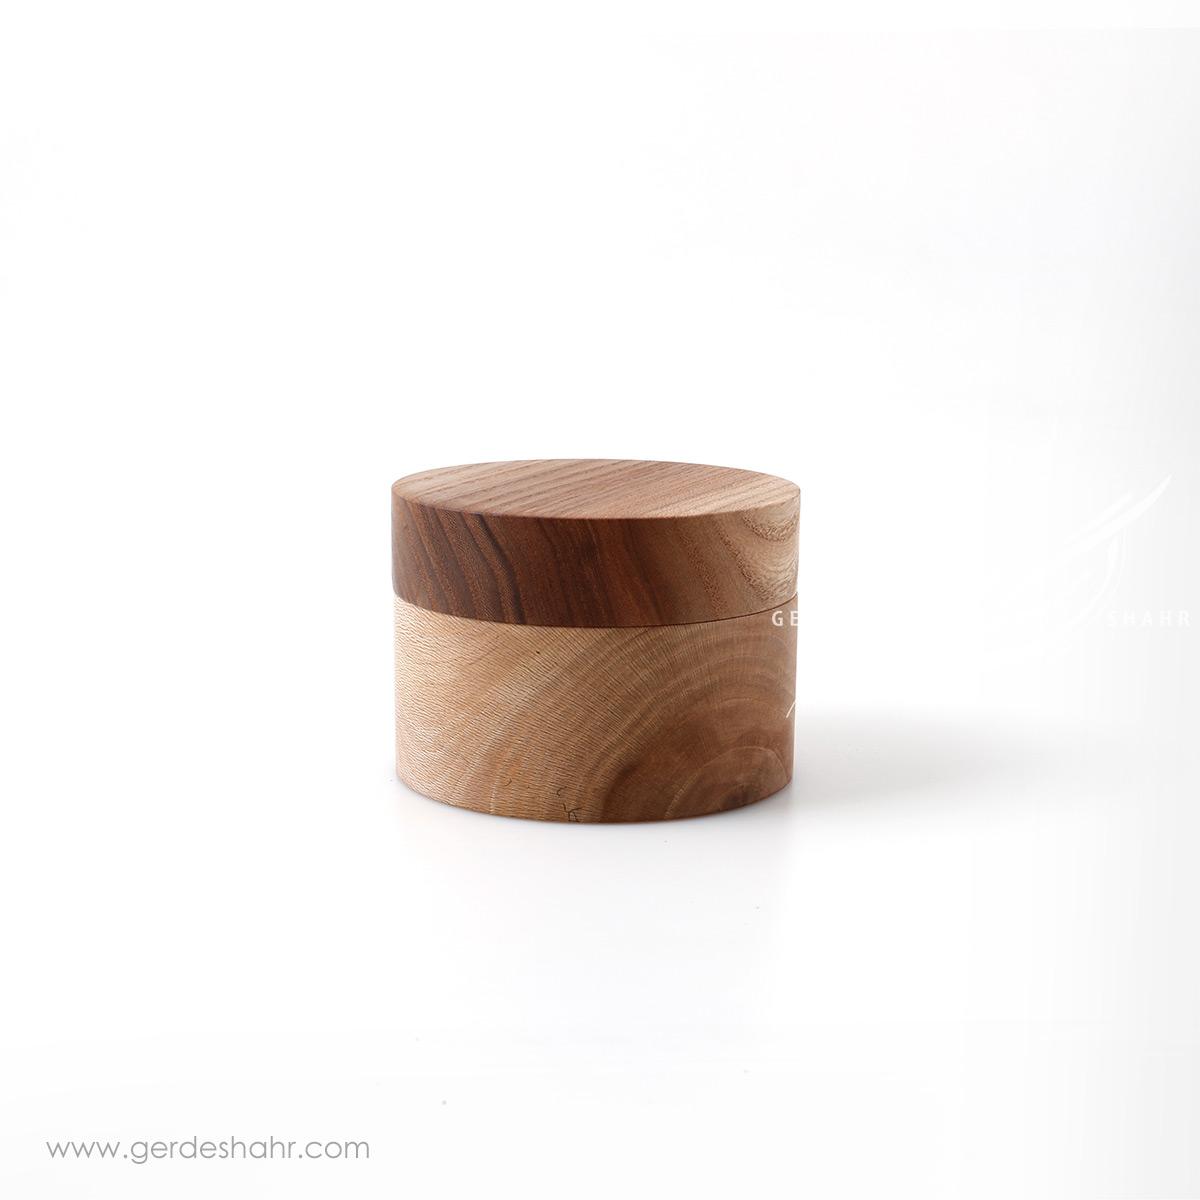 ظرف استوانه ای درب دار چوبی کوچک ناروند